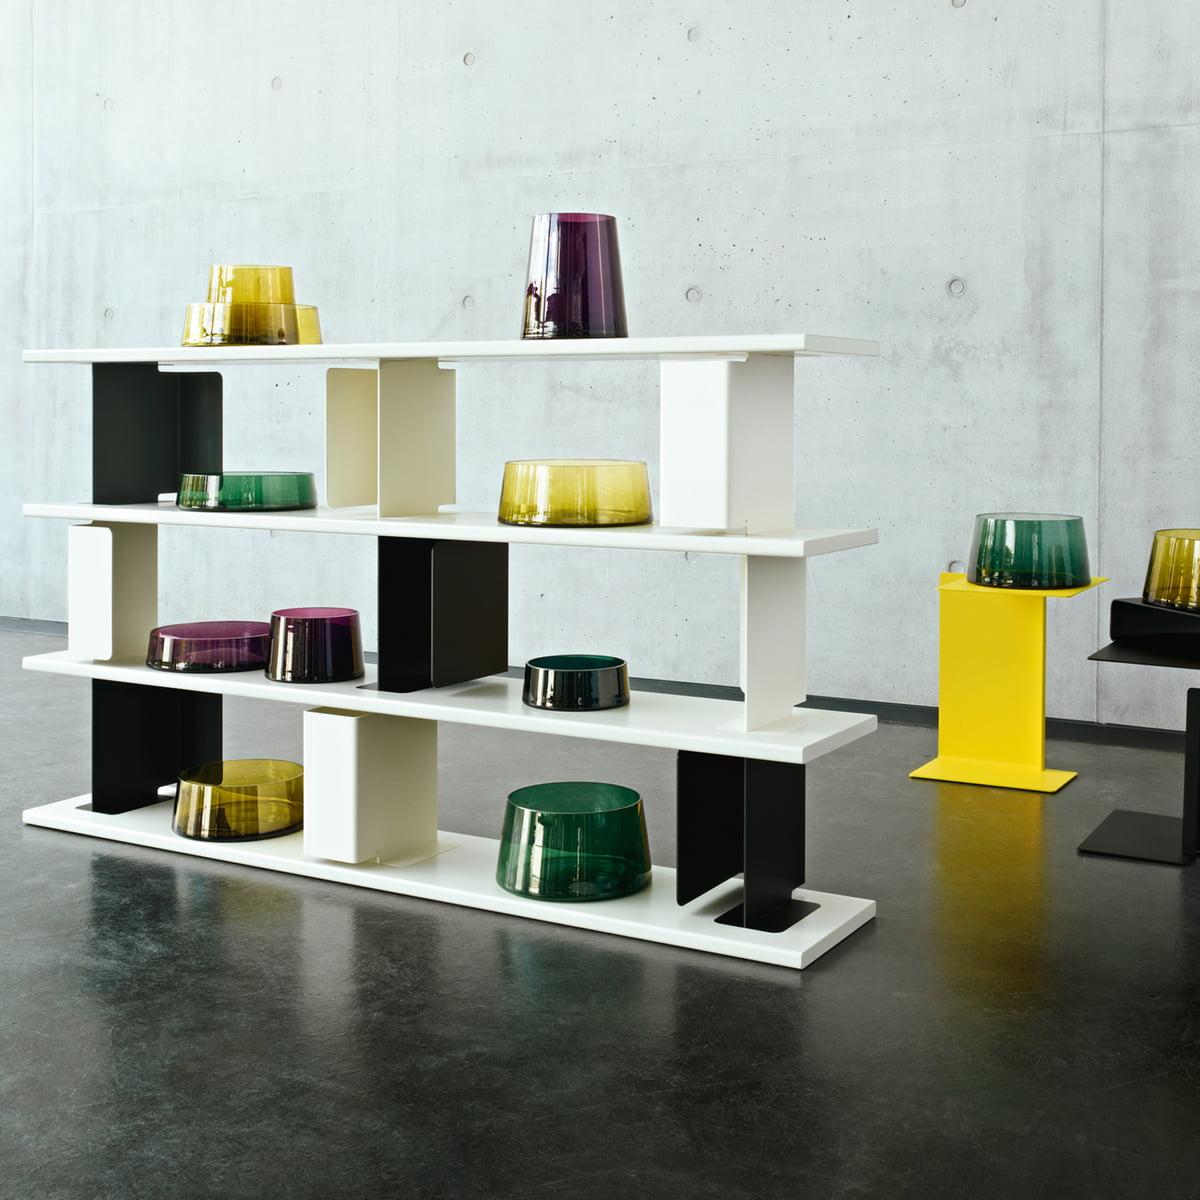 Schale von classicon im wohndesign shop for Wohndesign shop